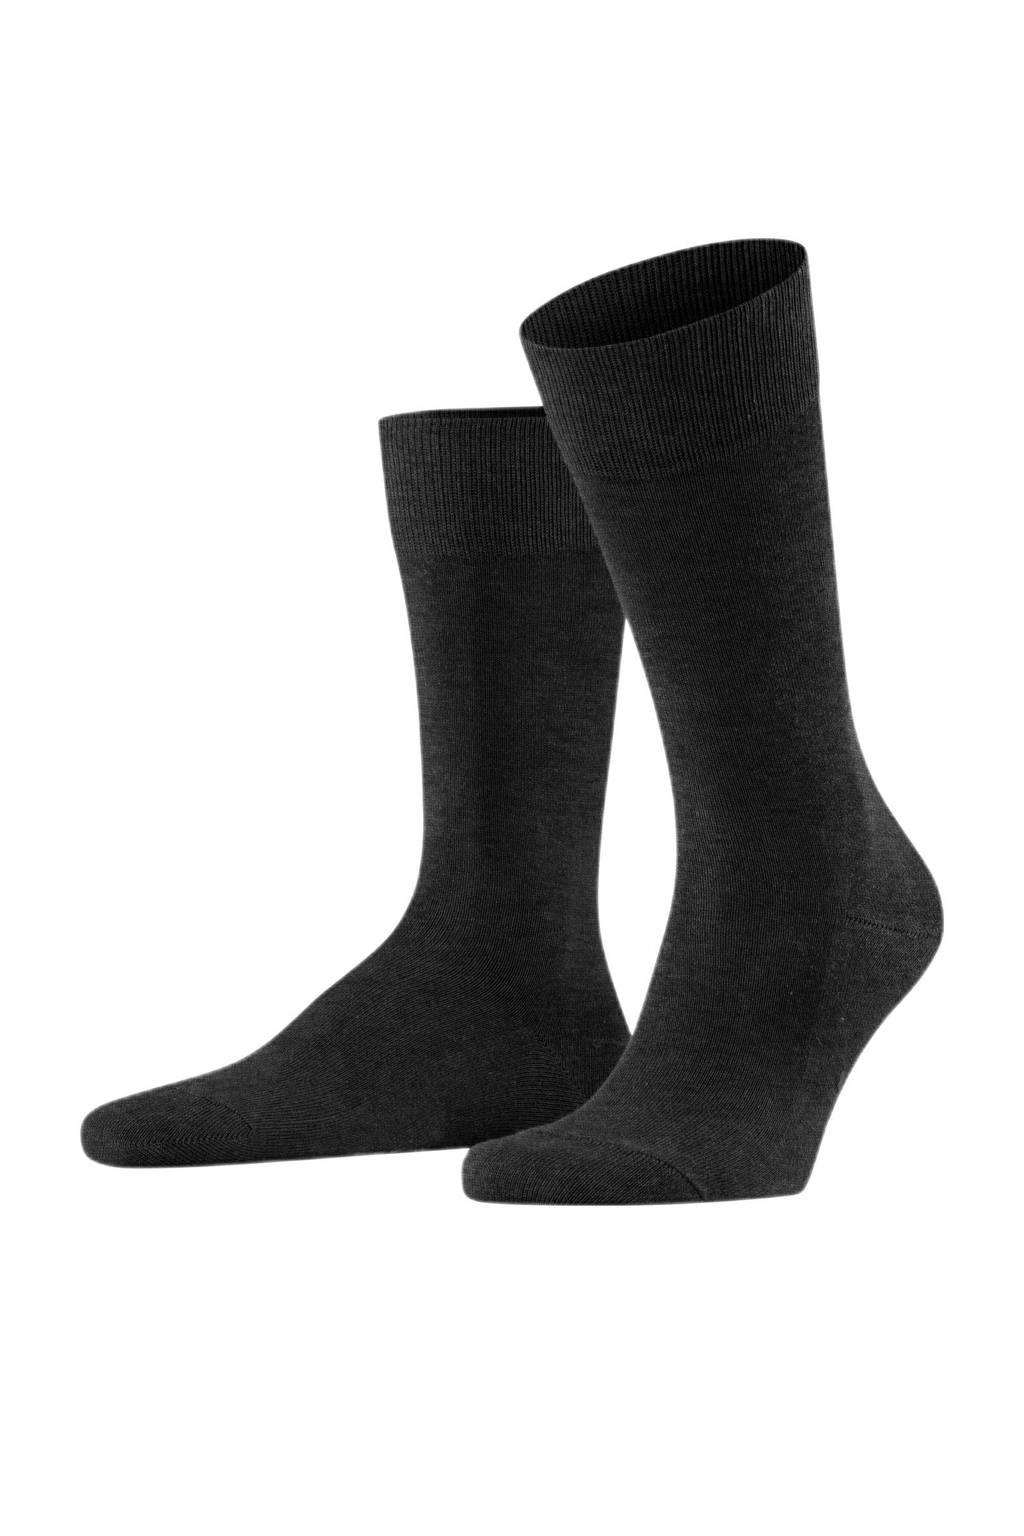 FALKE sokken Family SO, Antraciet melange